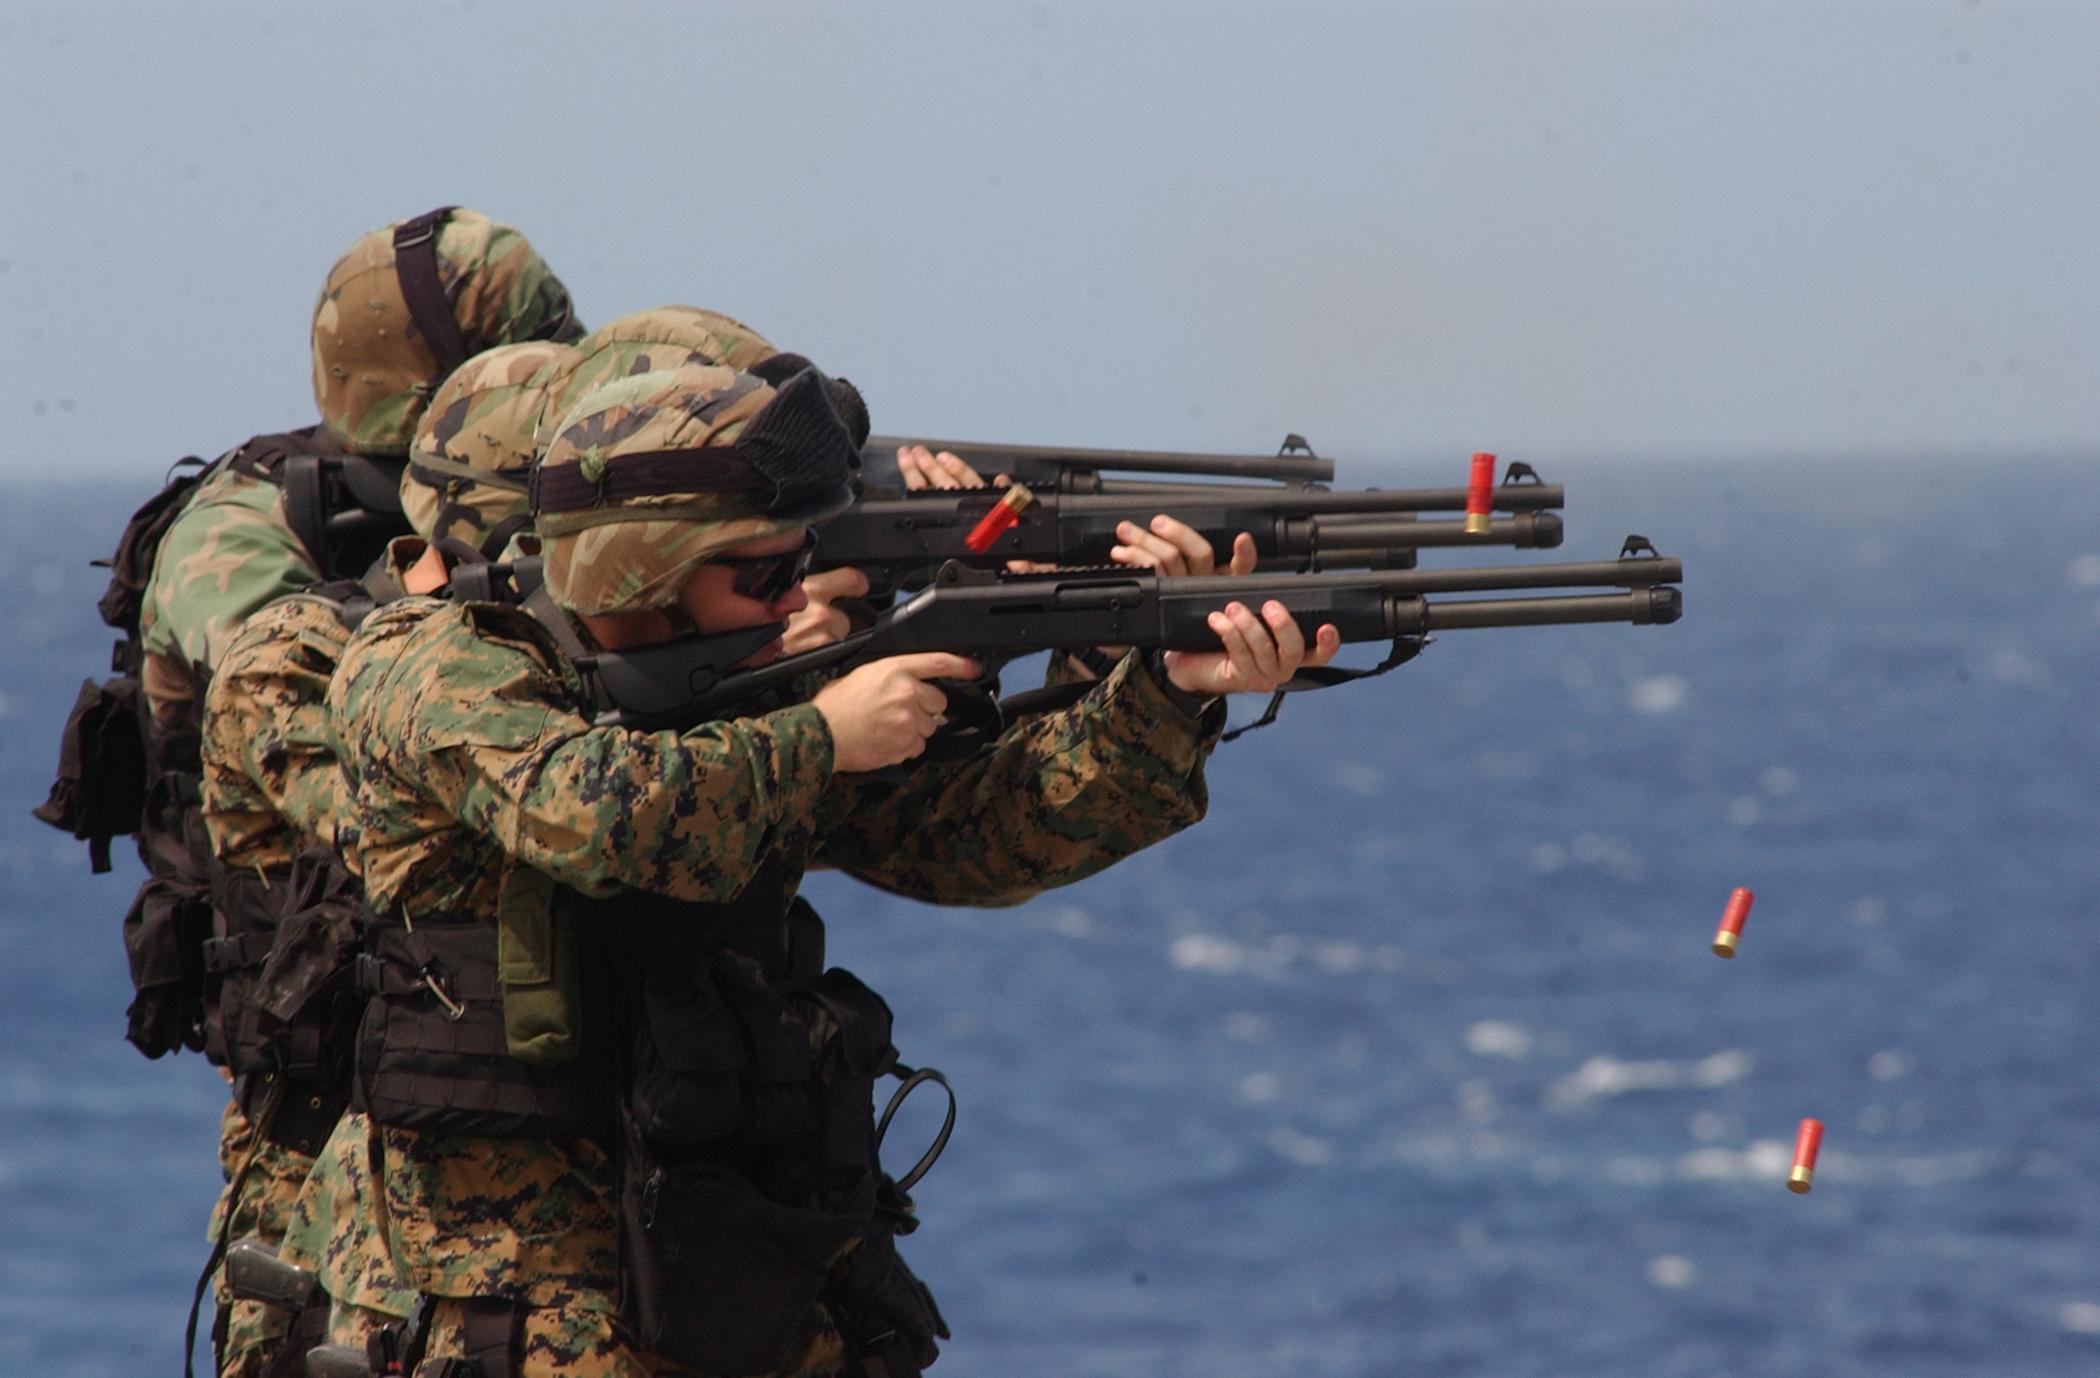 upoznavanje s talijanskim puškama najbolje mjesto za upoznavanje s Europom